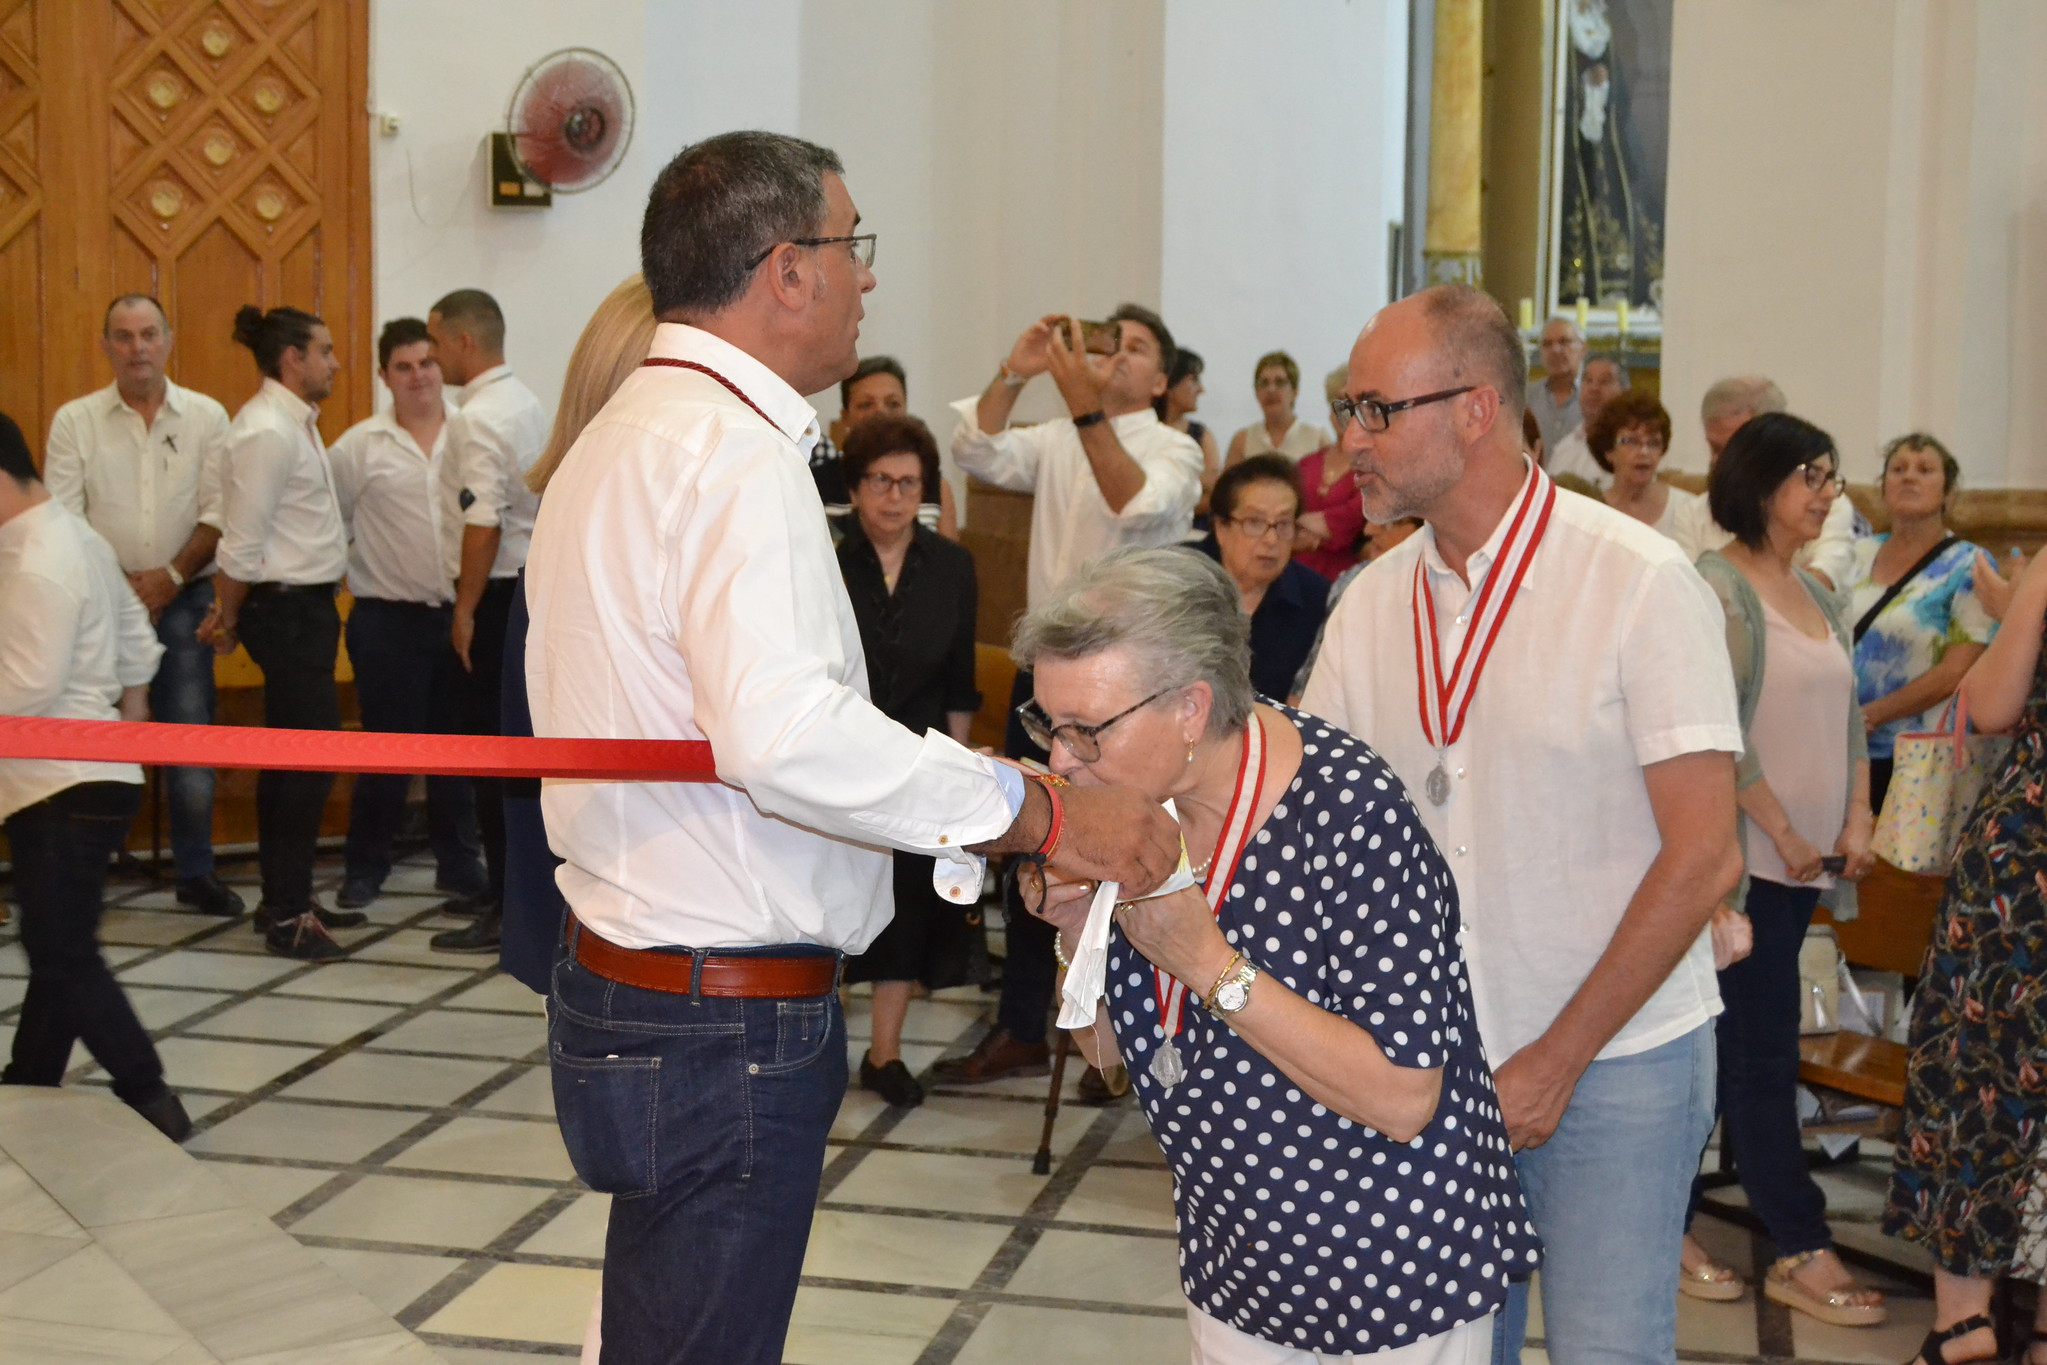 (2019-07-07) Procesión de subida - José Emilio Albujer Lax (05)